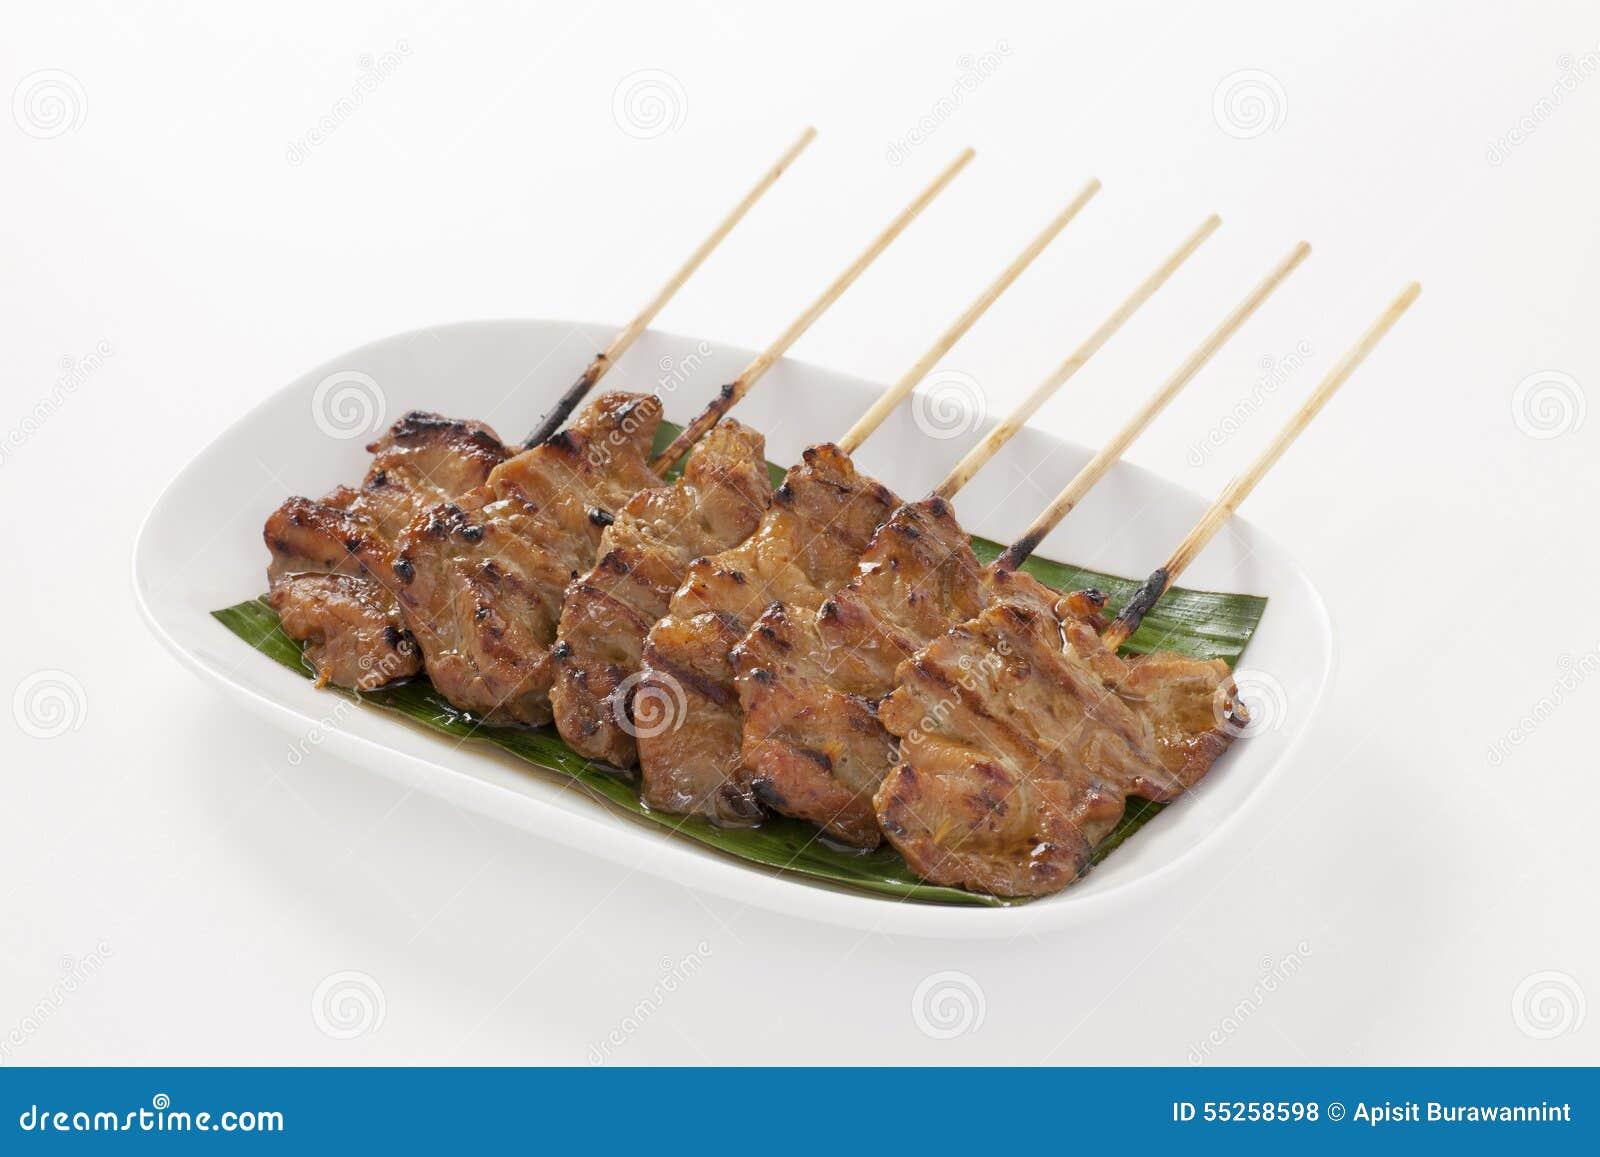 Bamboo stick stock photo cartoondealer